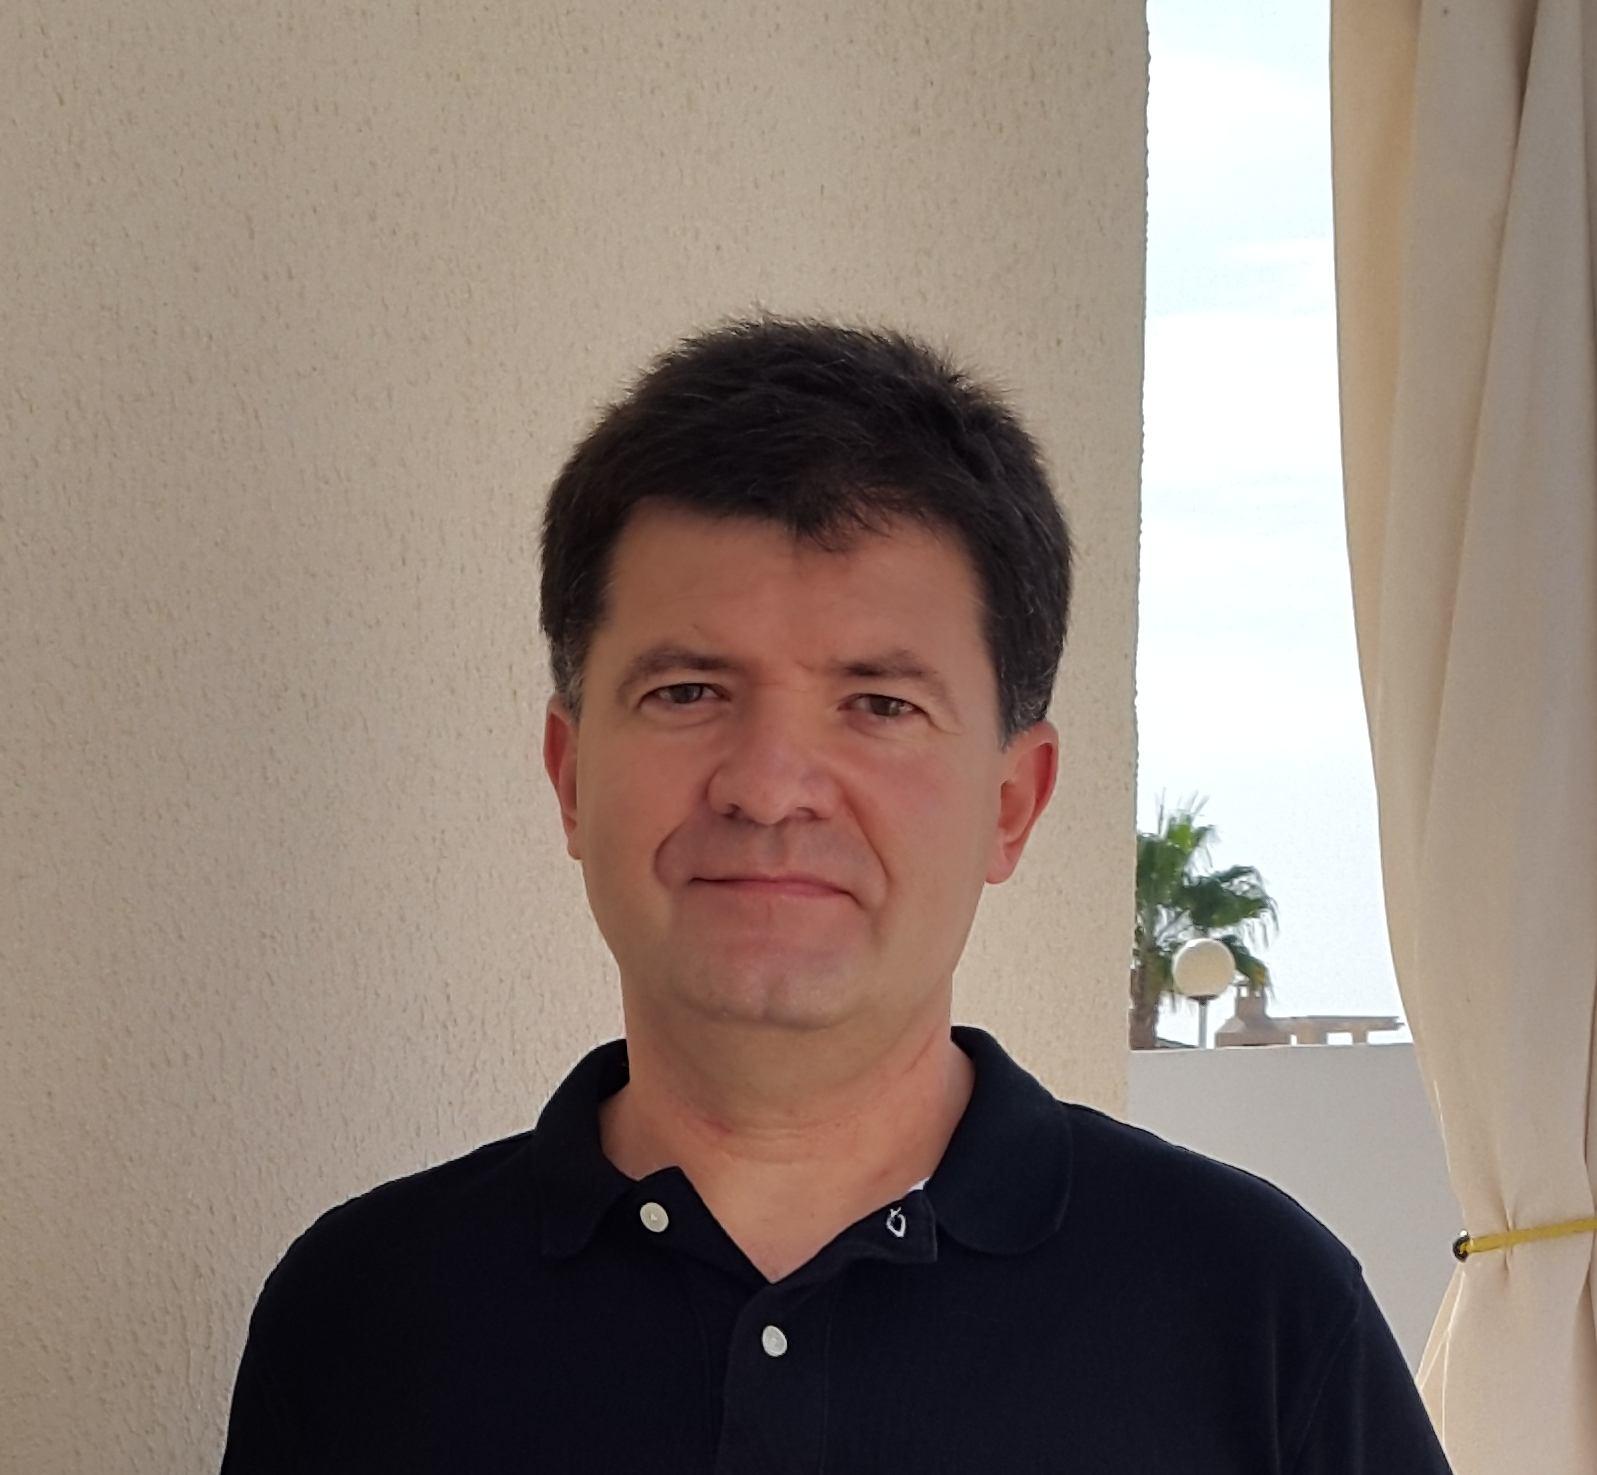 Cursos de inmersión en inglés - Cursos de inmersión lingüistica en inglés de Alfonso G. - Madrid